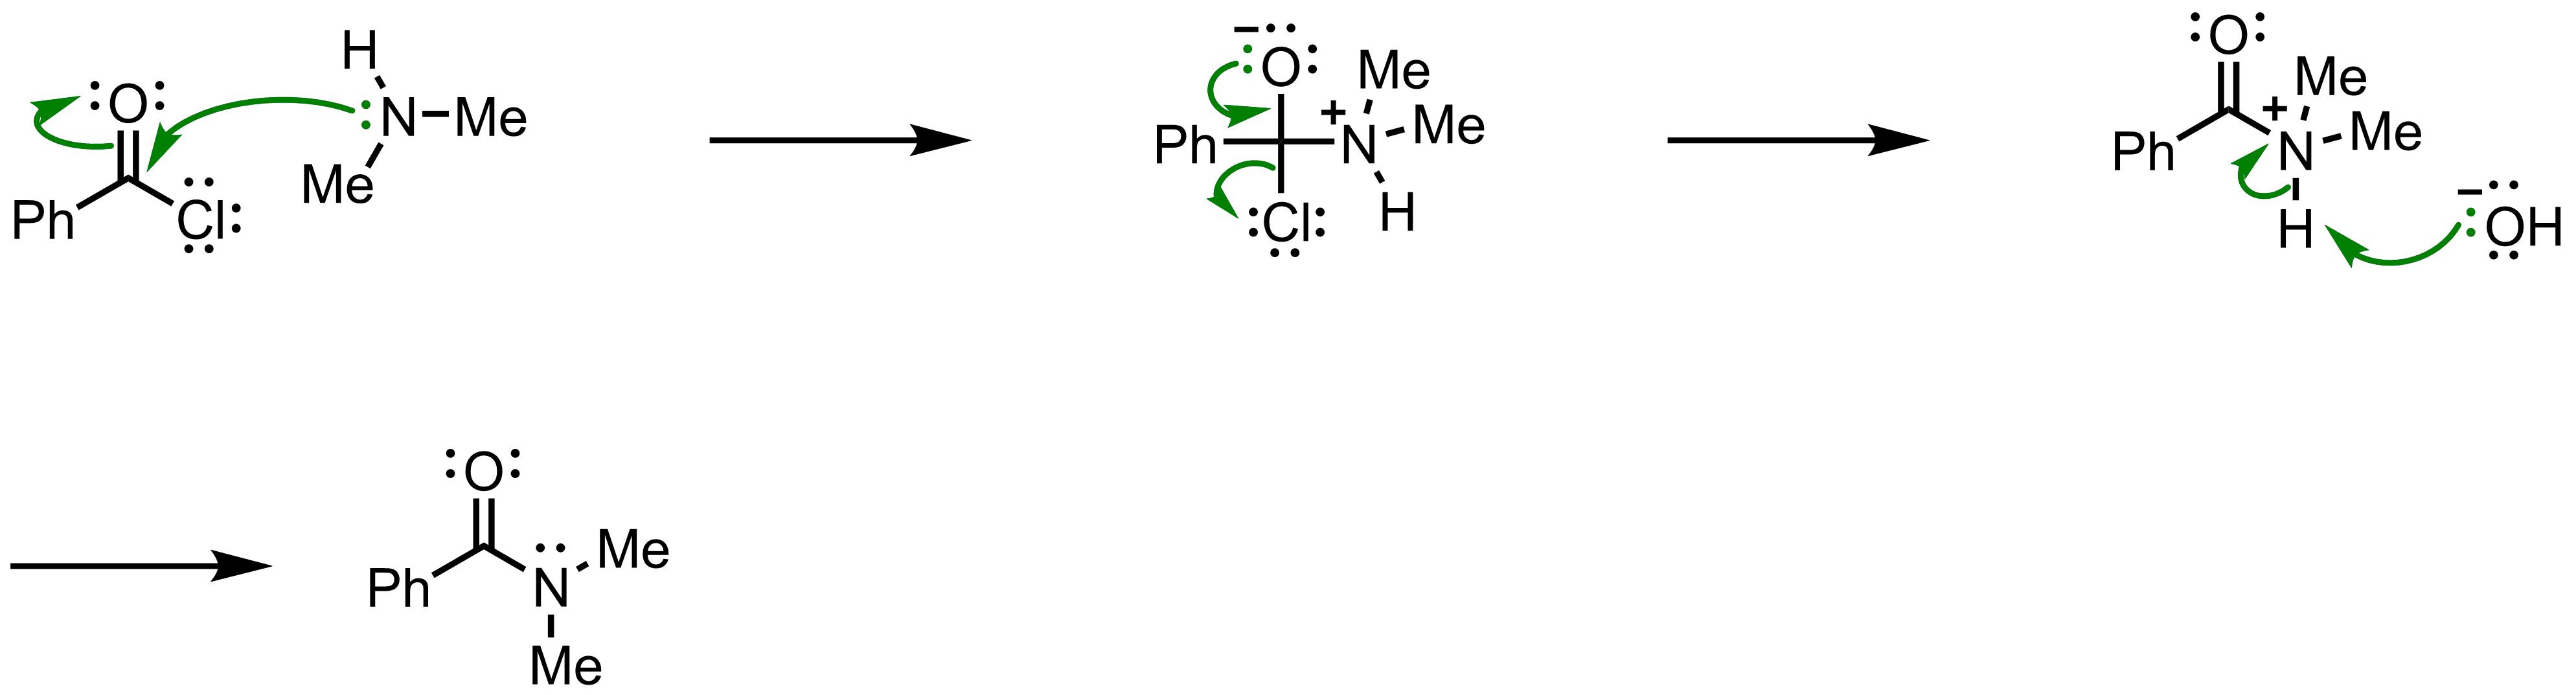 Mechanism of the Schotten-Baumann Reaction